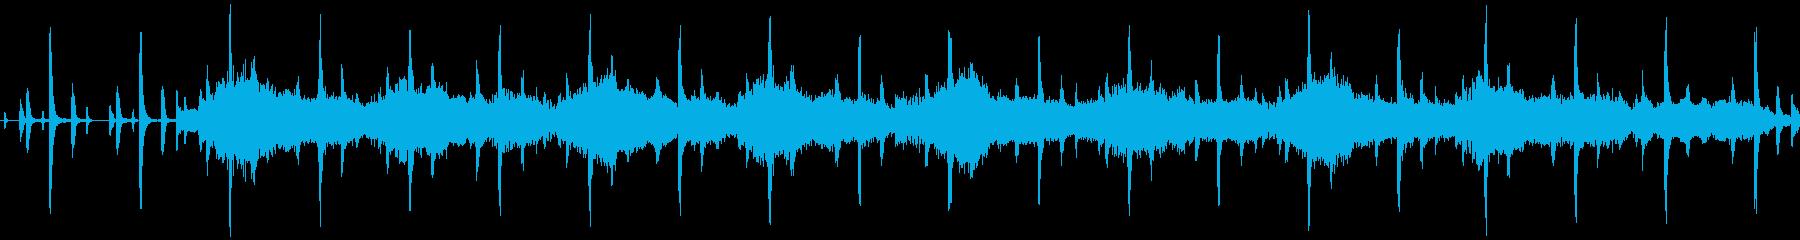 ゲームエンディング向けのループBGMの再生済みの波形